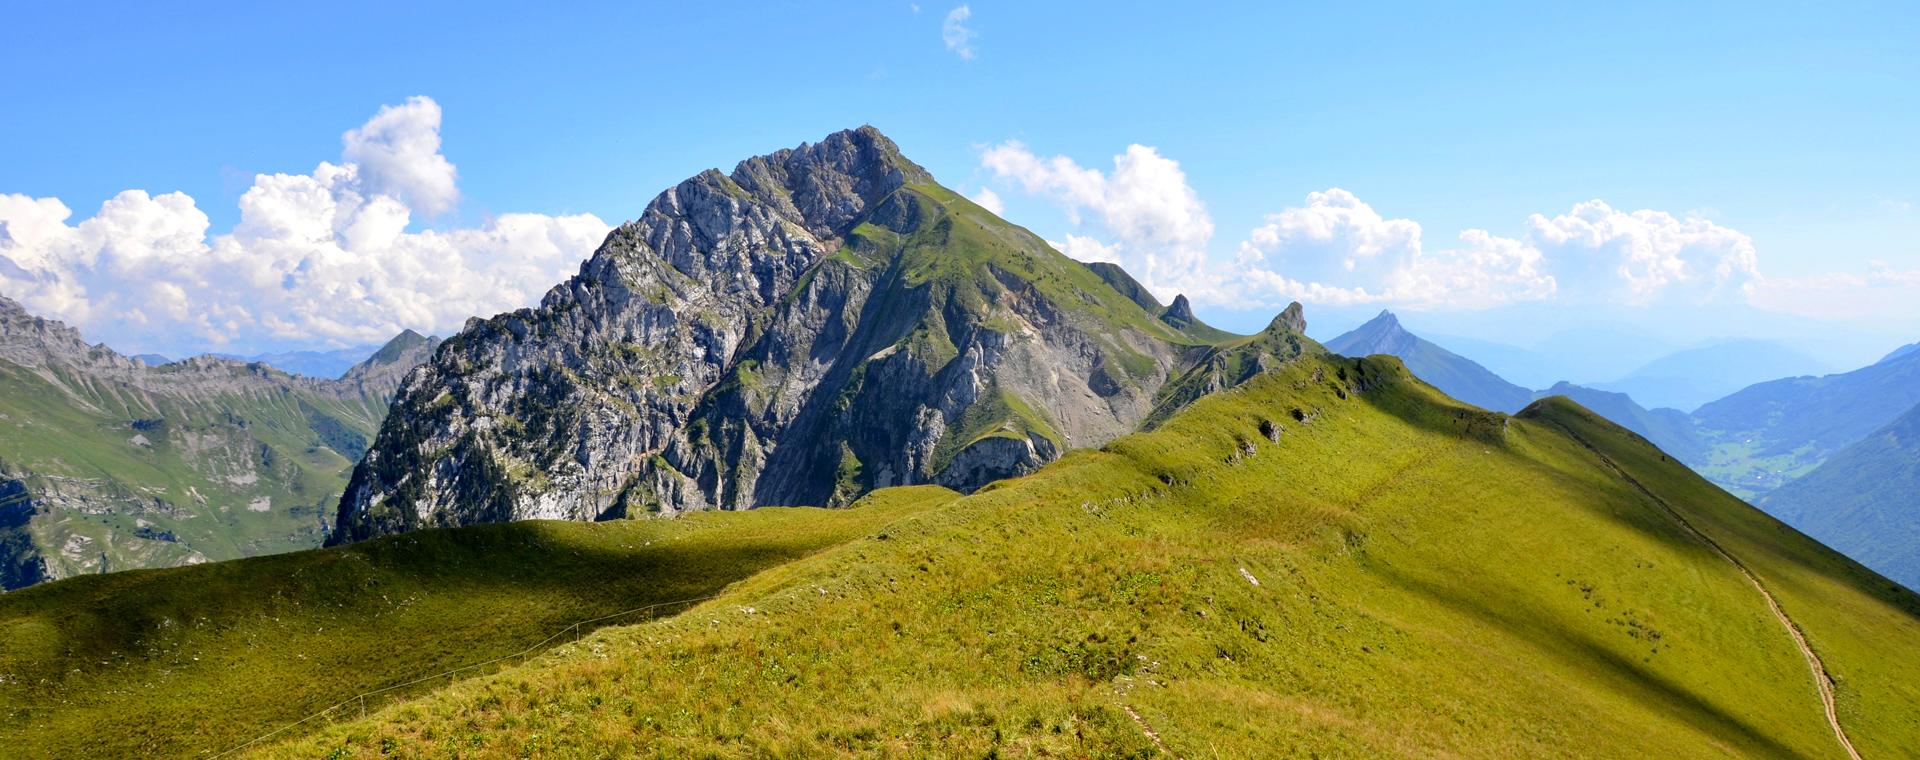 Image Grande traversée de la Savoie, des sommets au lac d'Annecy